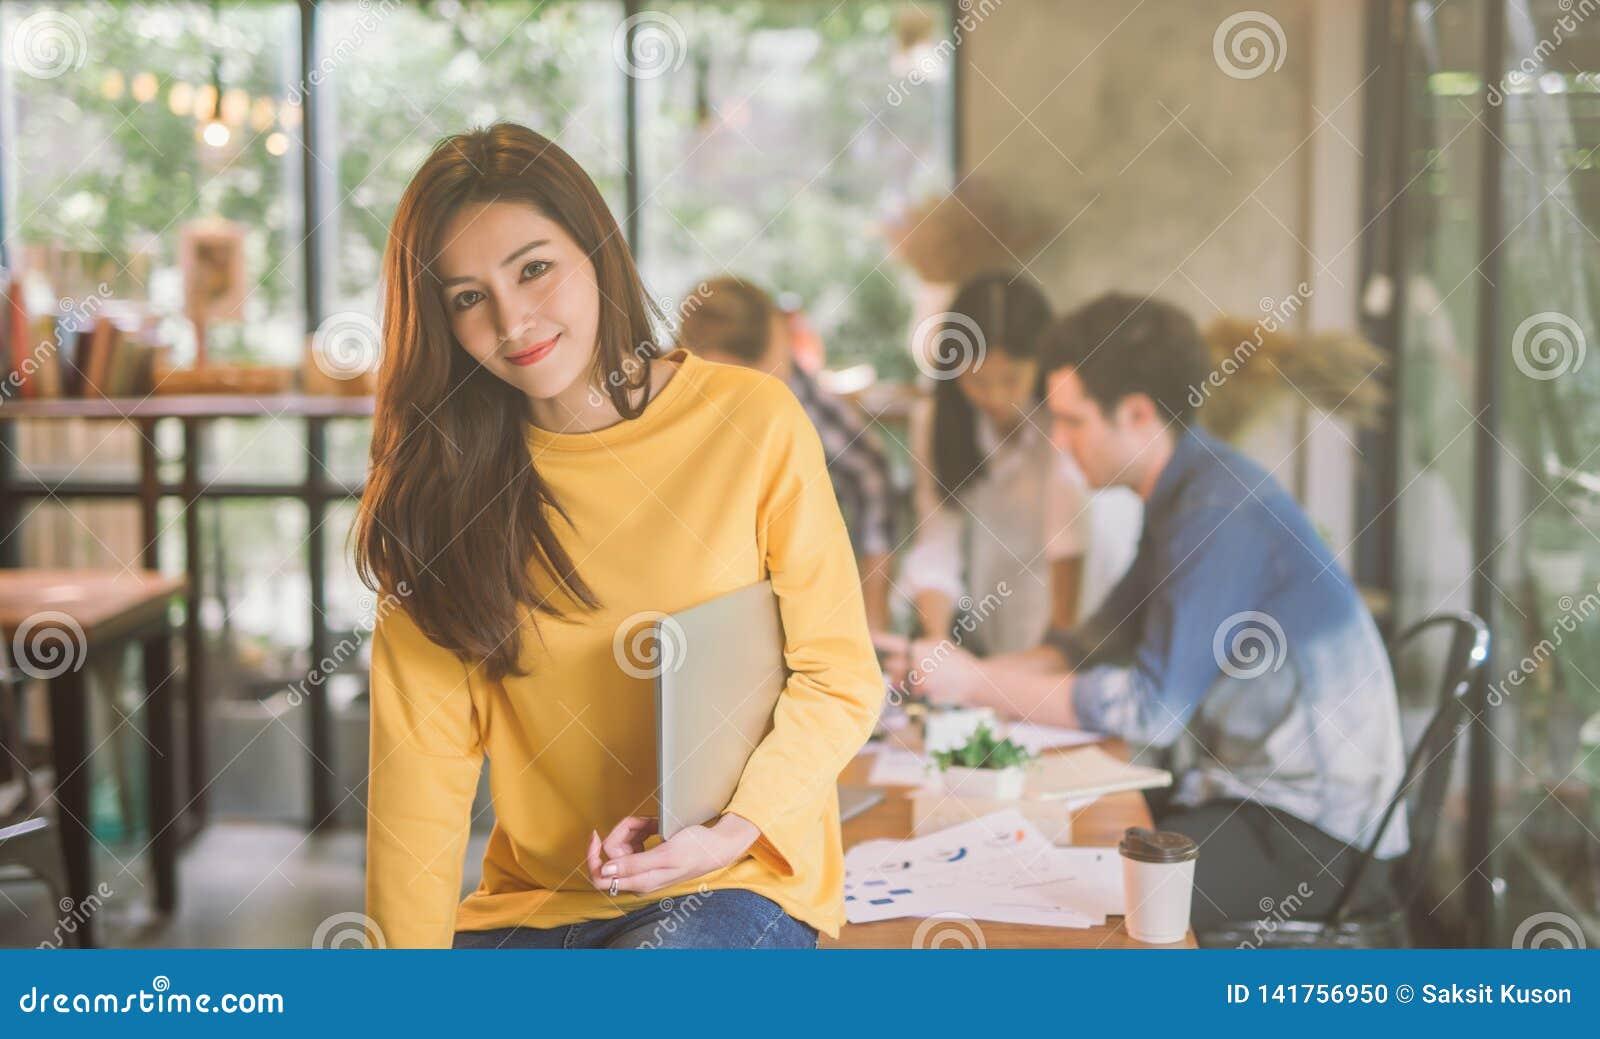 Stående av det coworking kontoret för asiatiskt kvinnligt funktionsdugligt lag, le av lycklig beautif ul-kvinna i modernt kontor